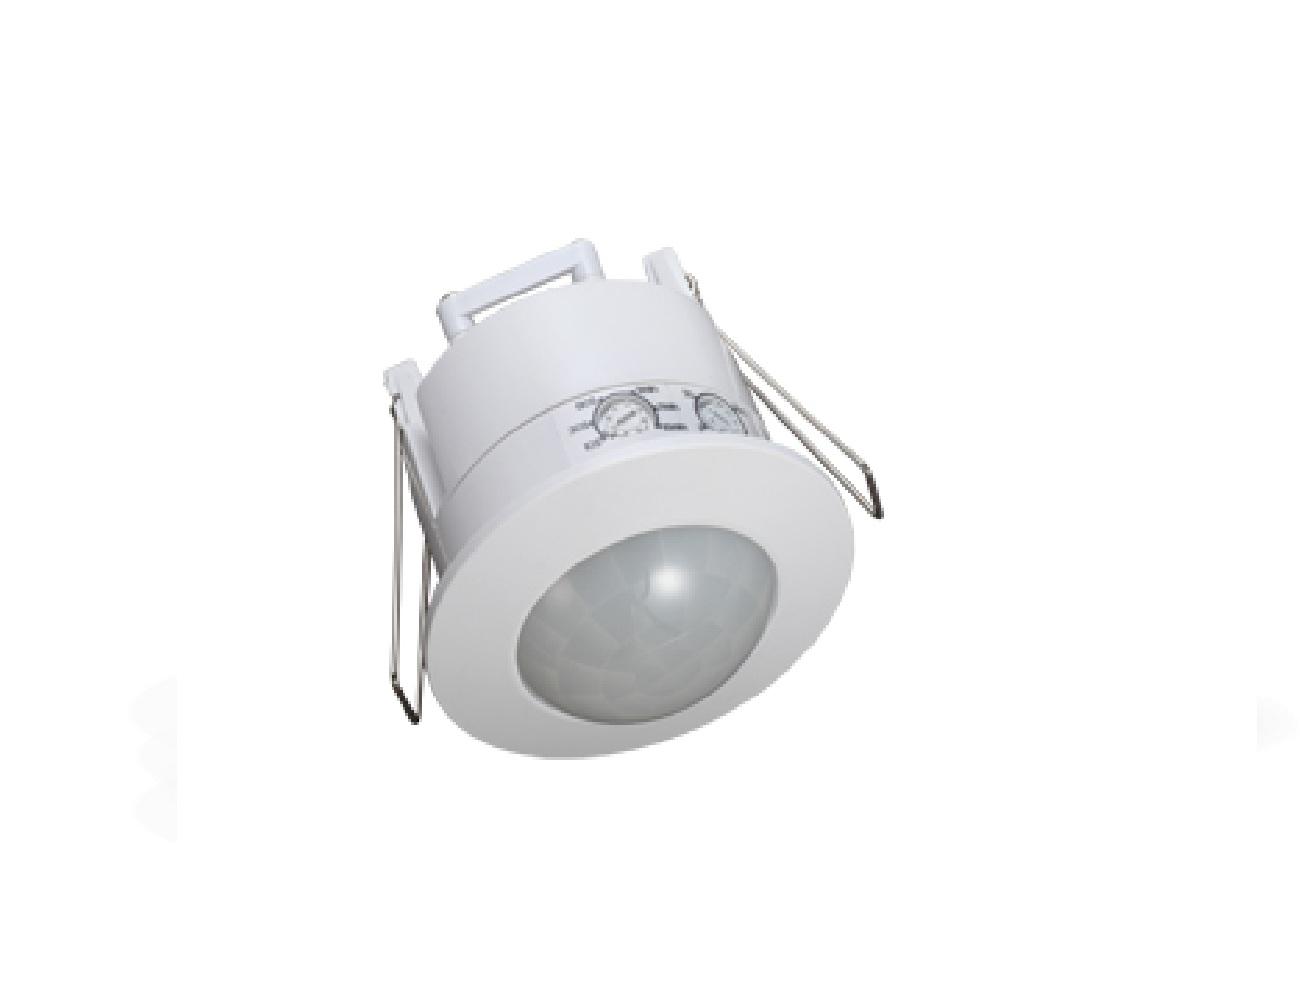 Cảm biến bật tắt đèn tự động hồng ngoại loại âm trần SEL41W